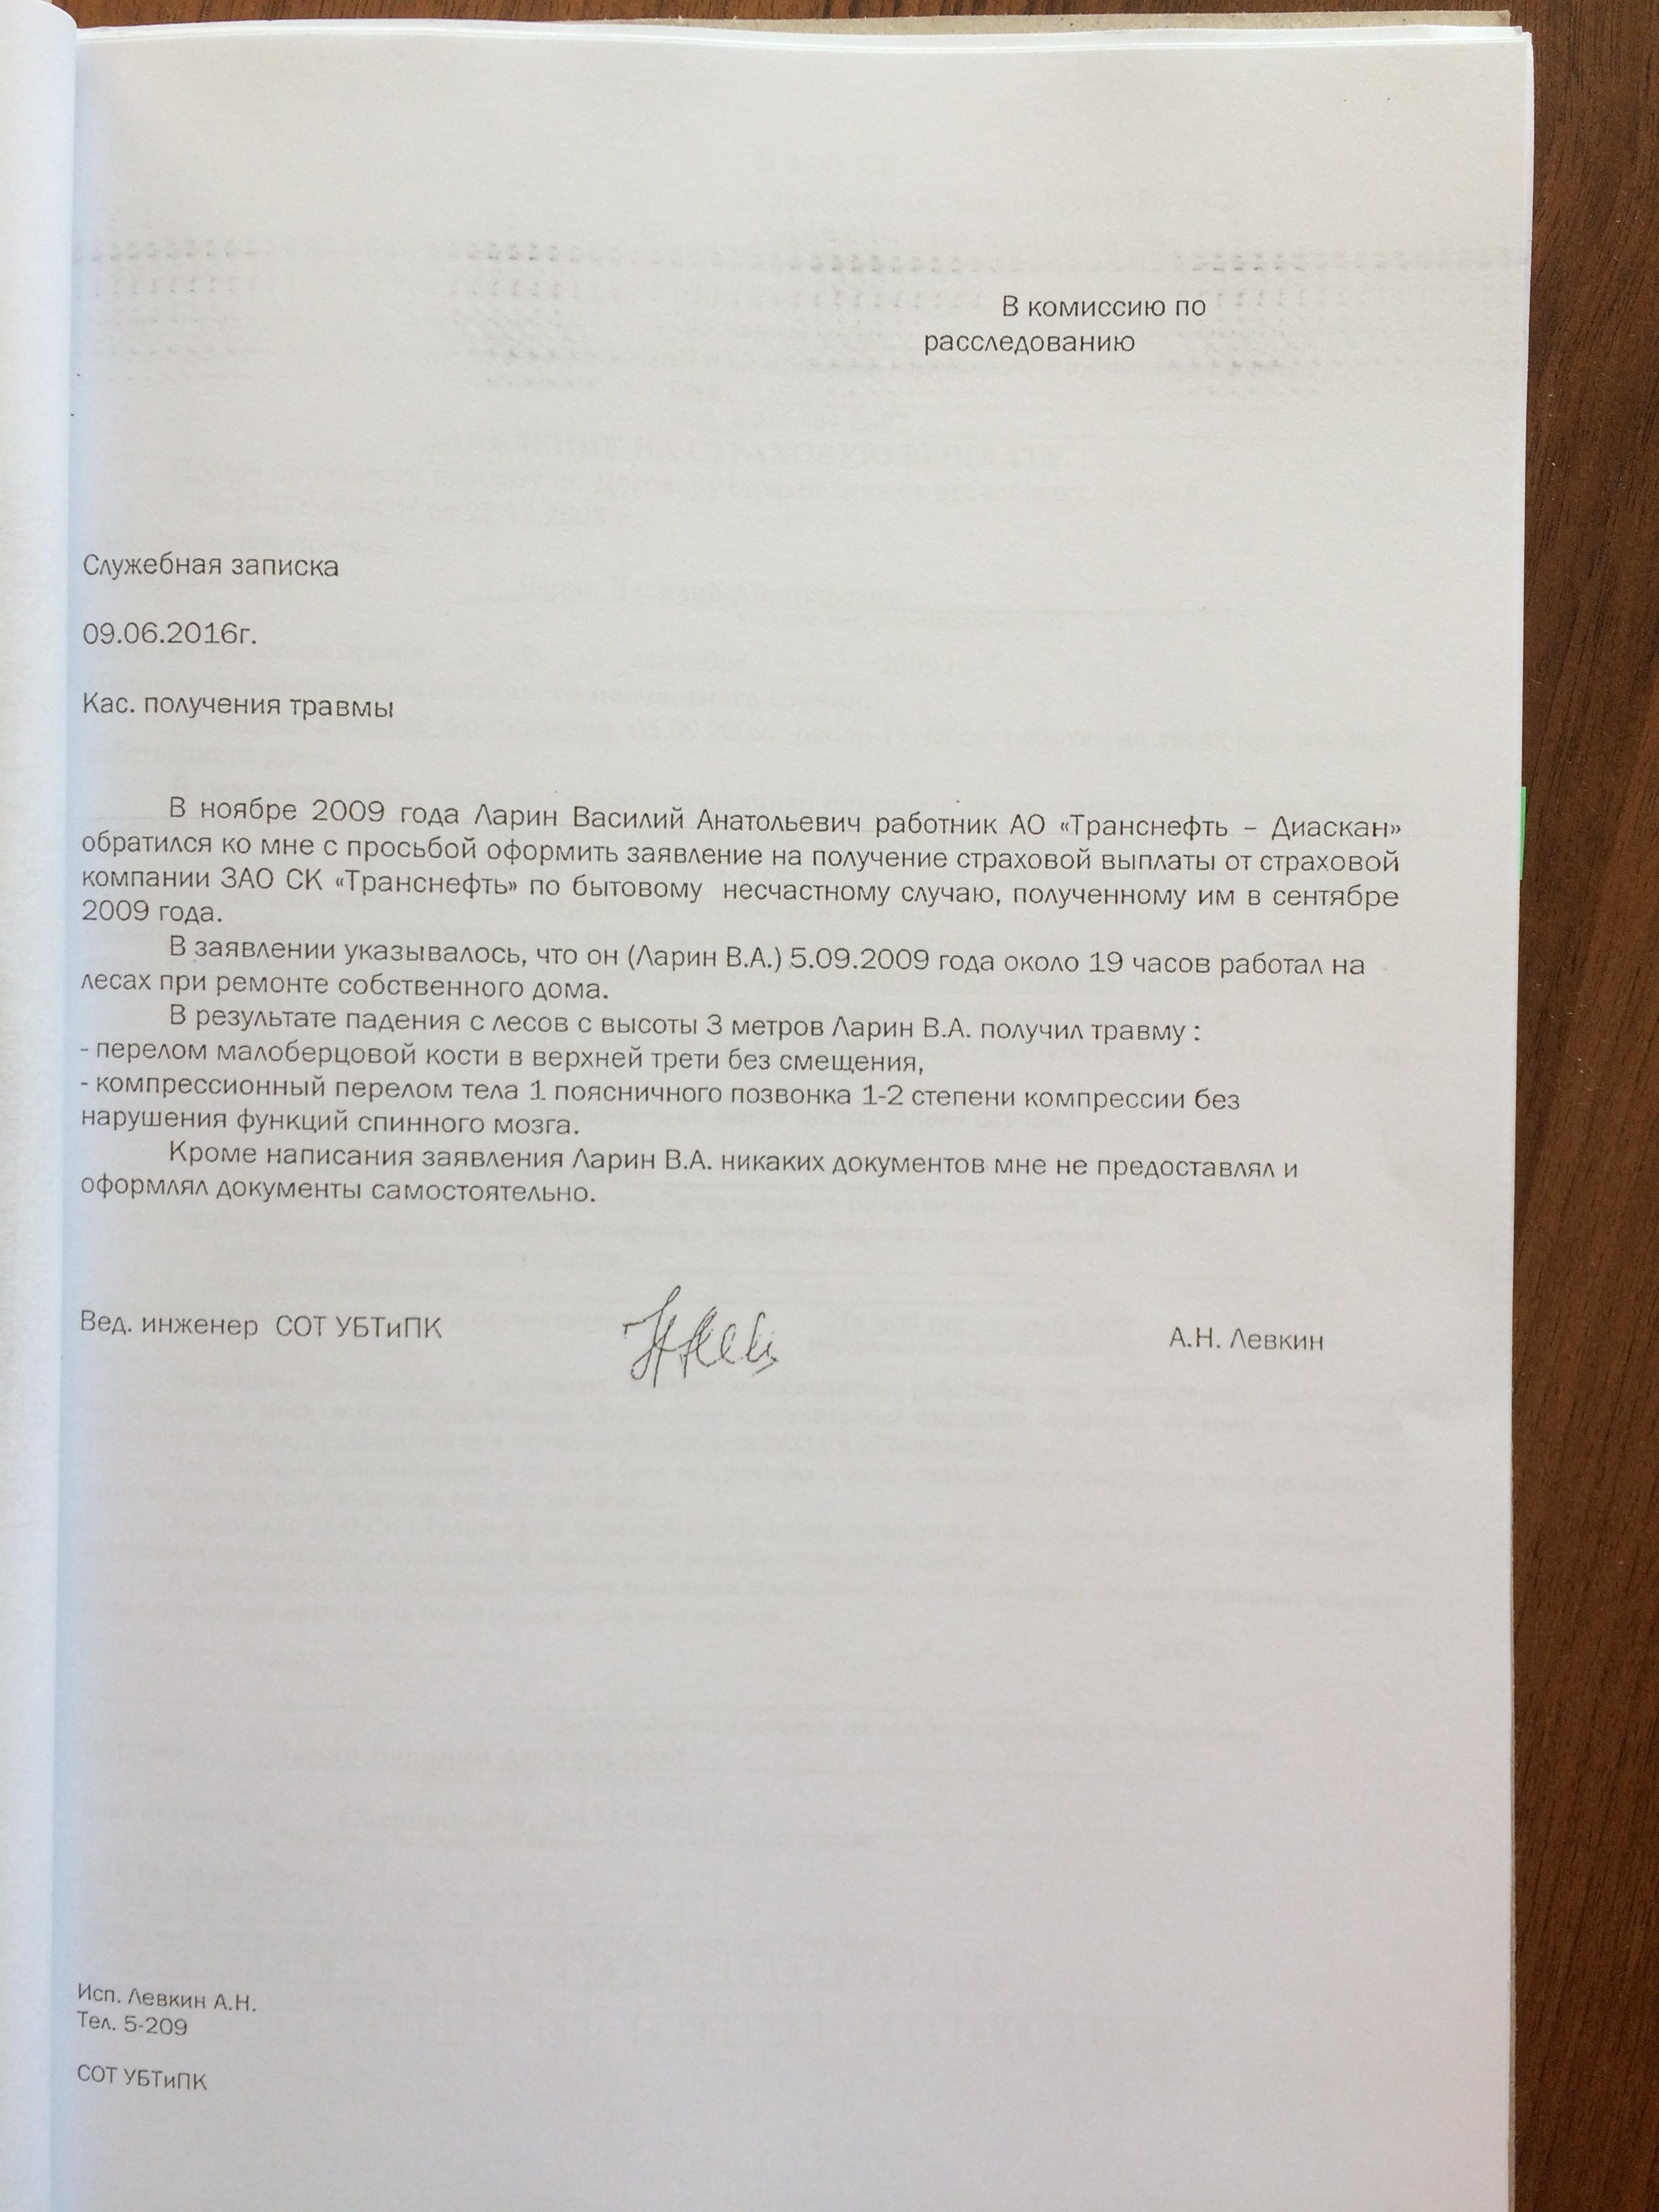 Фото документов проверки Луховицкой городской прокуратурой - 72 (5)